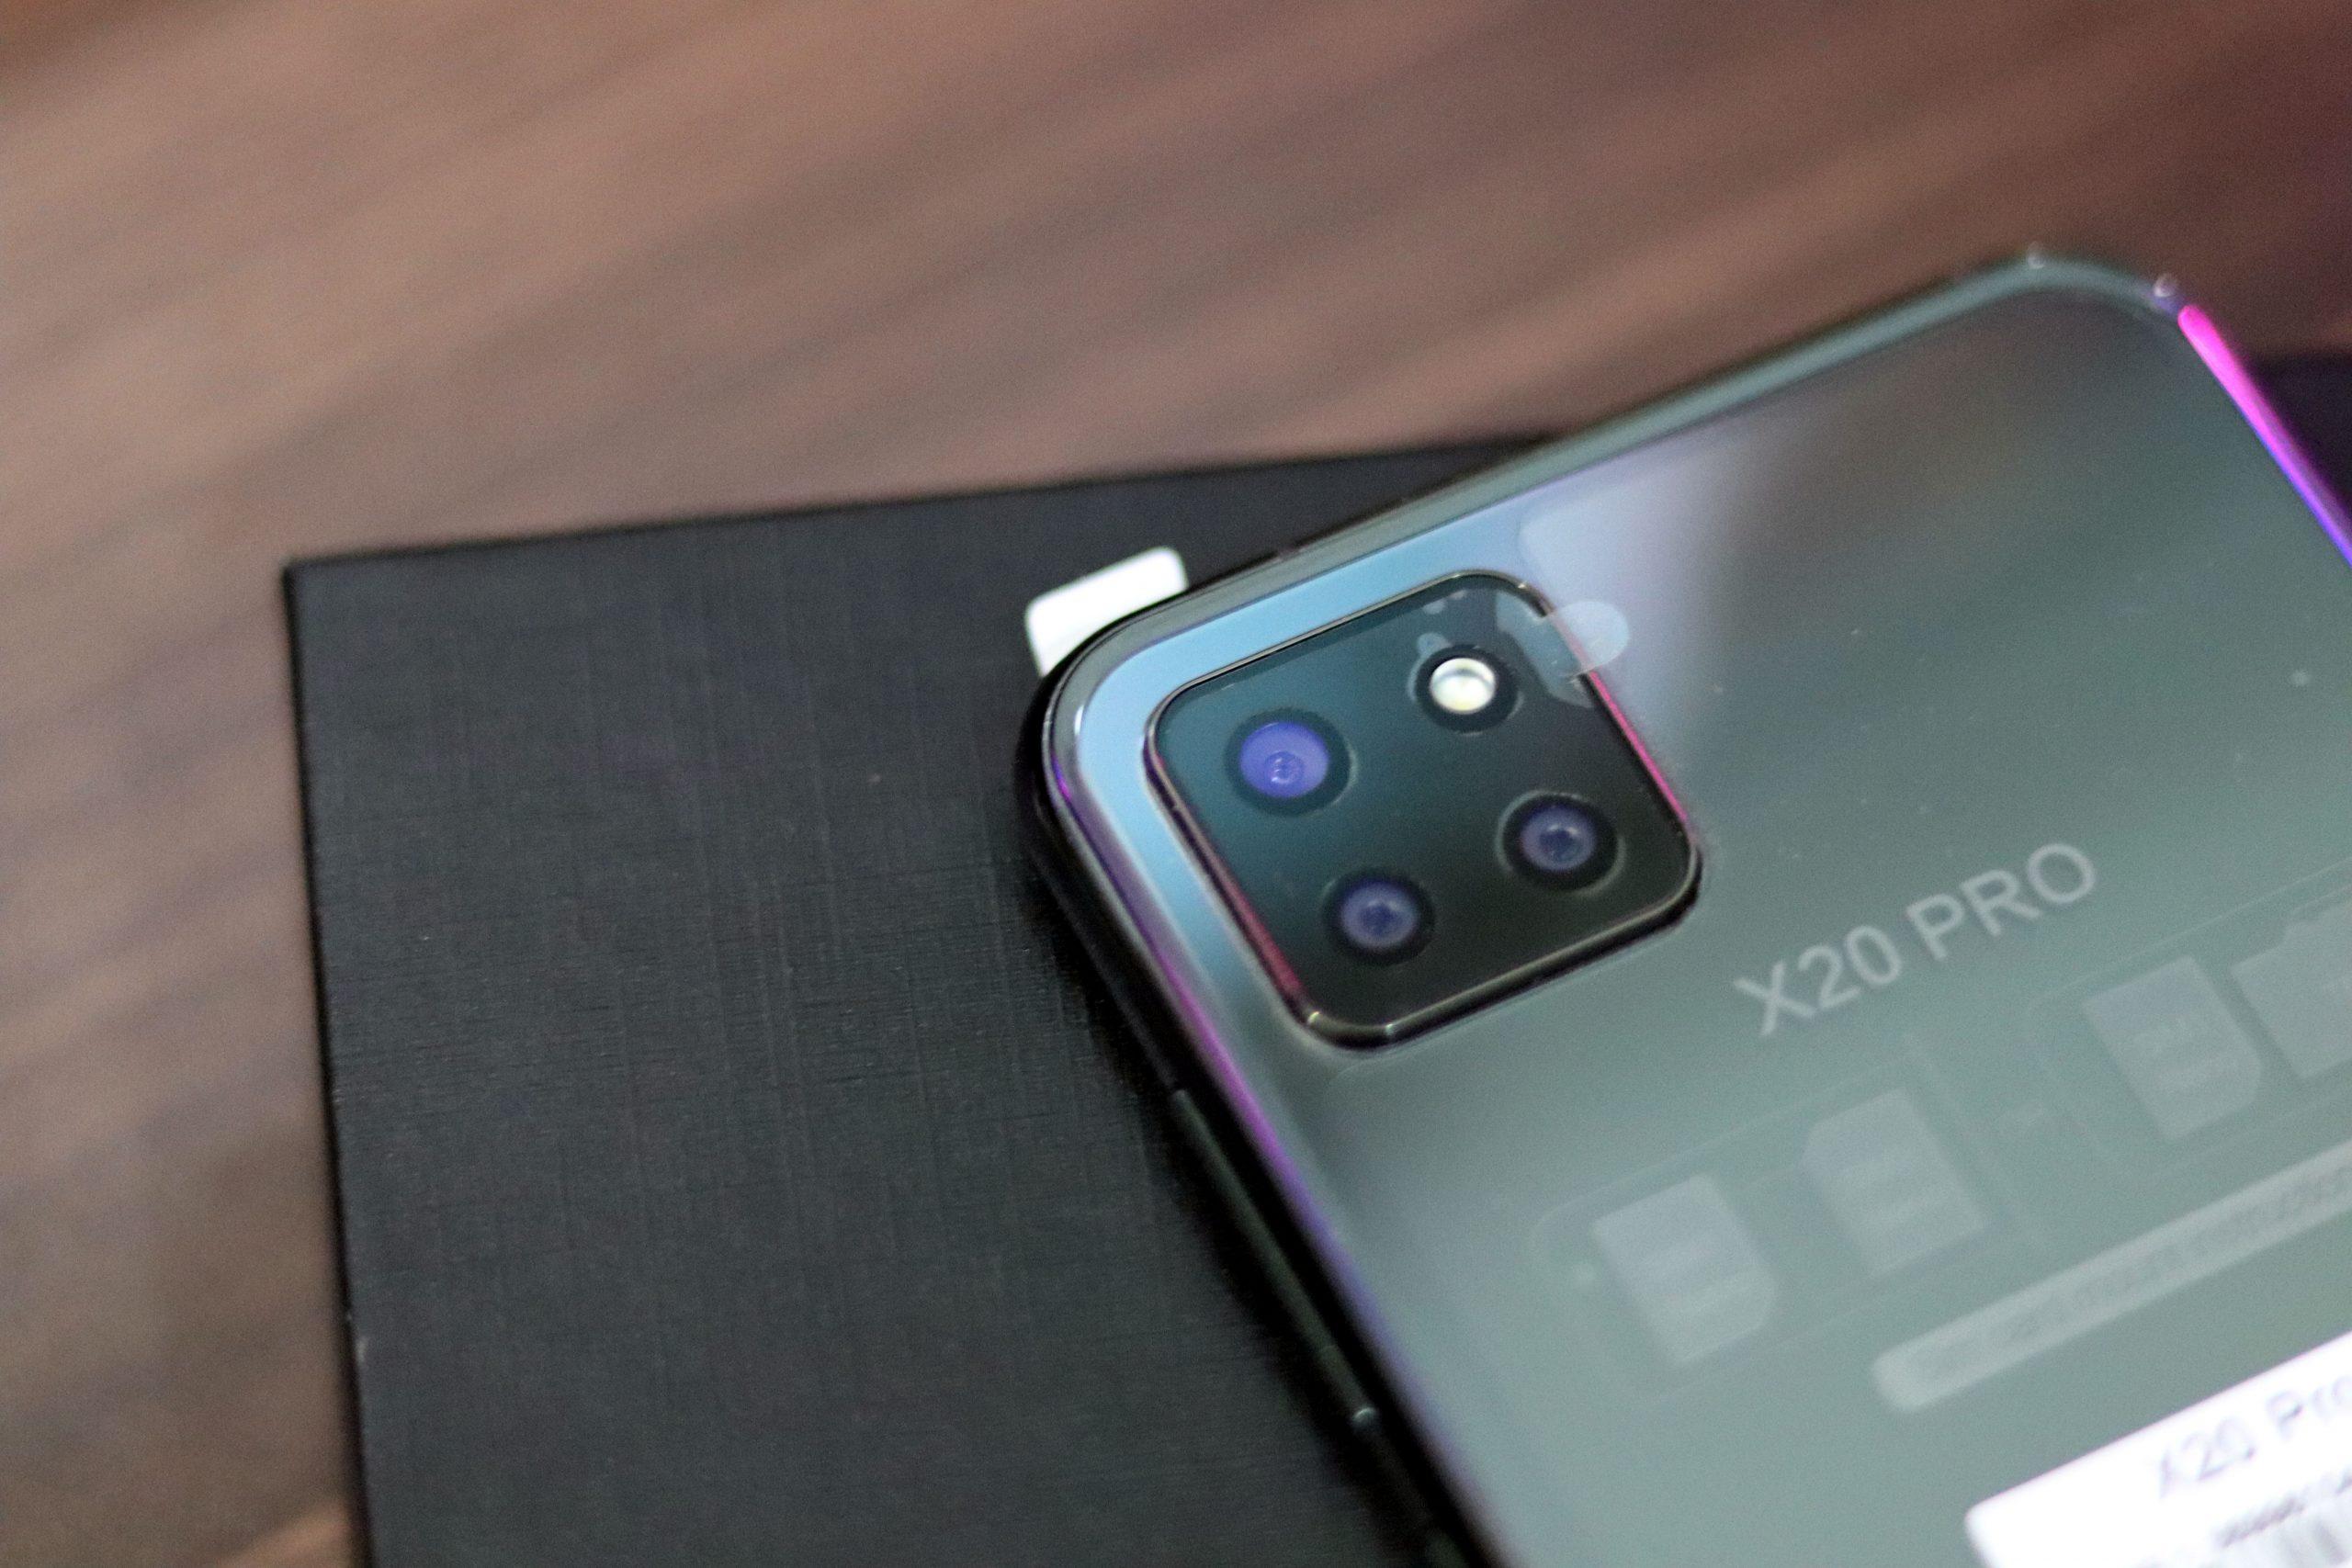 Revisiones Cubot X20 Pro: ¿Sigue siendo el mejor para teléfonos económicos? En XiaomiToday 6